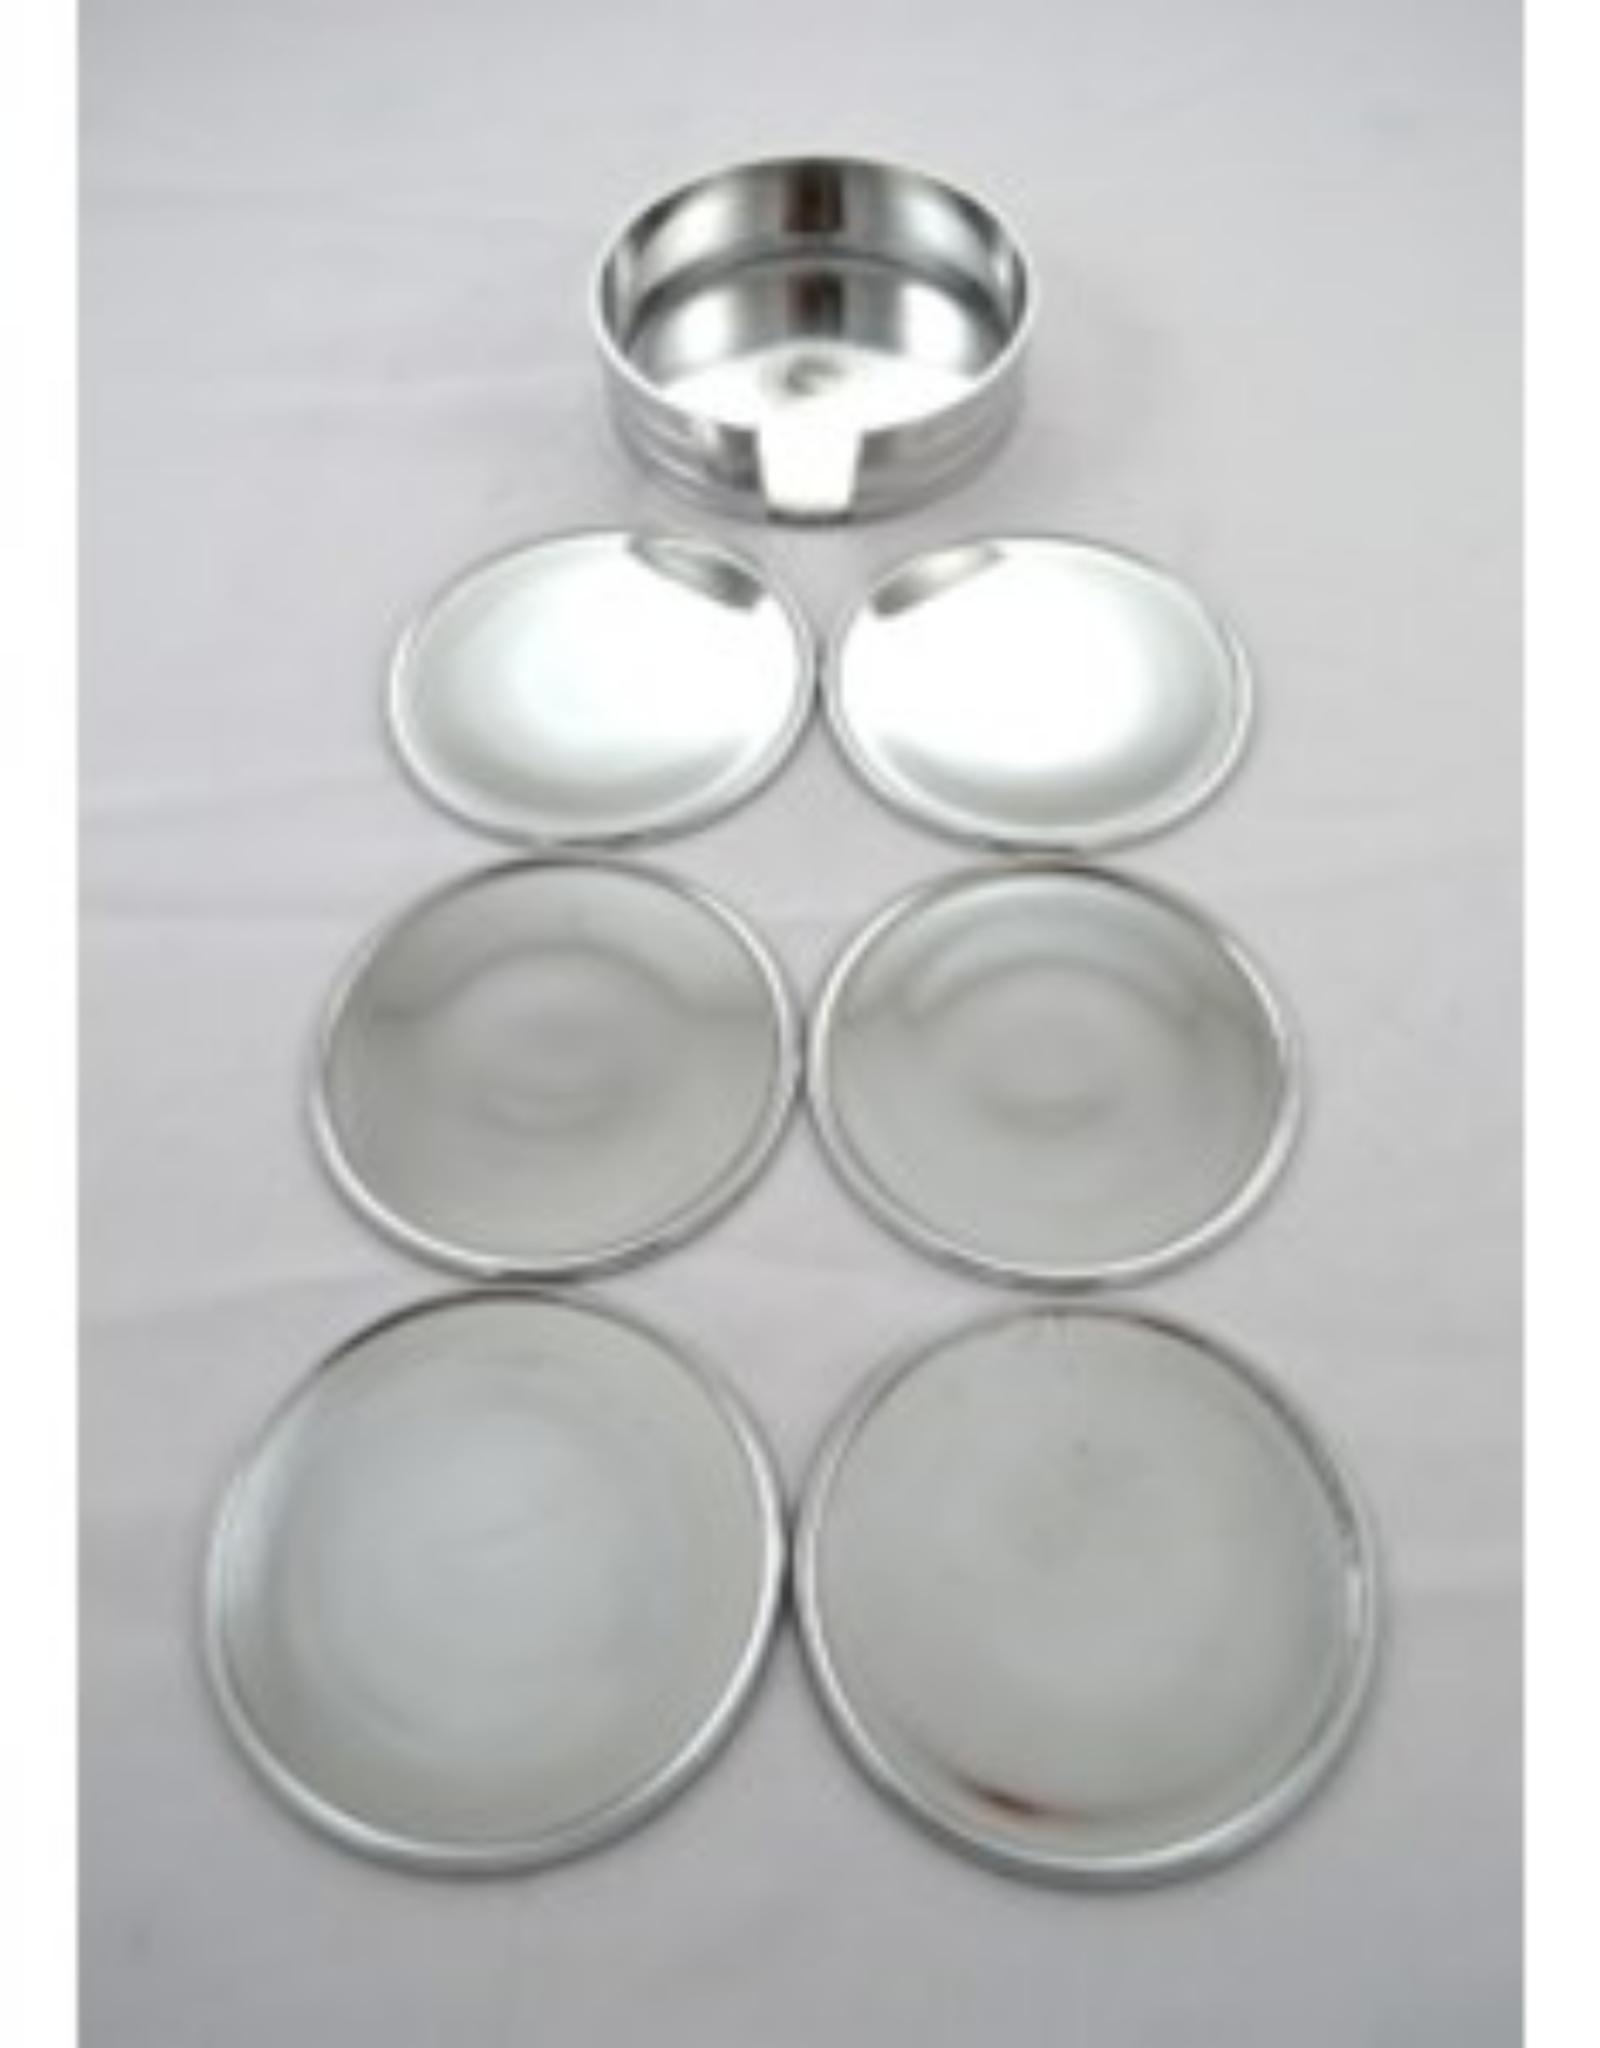 Ens. 6 sous-verres aluminium